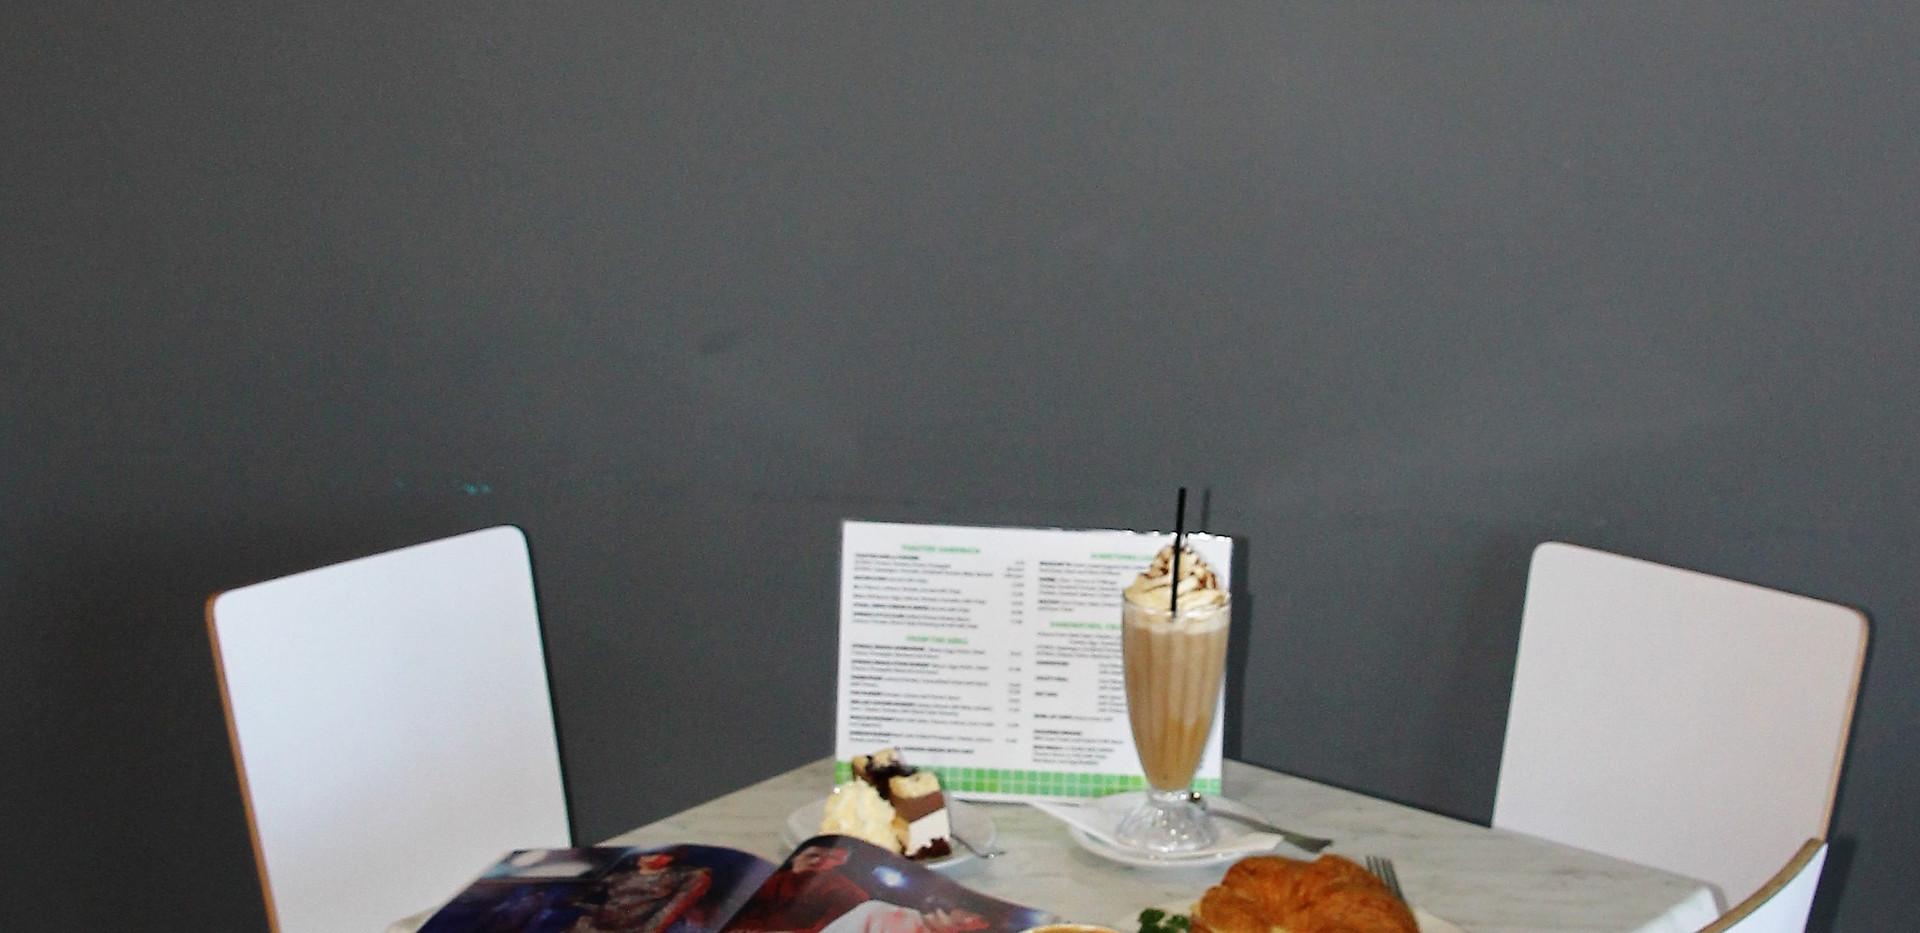 Cafe food 2.JPG